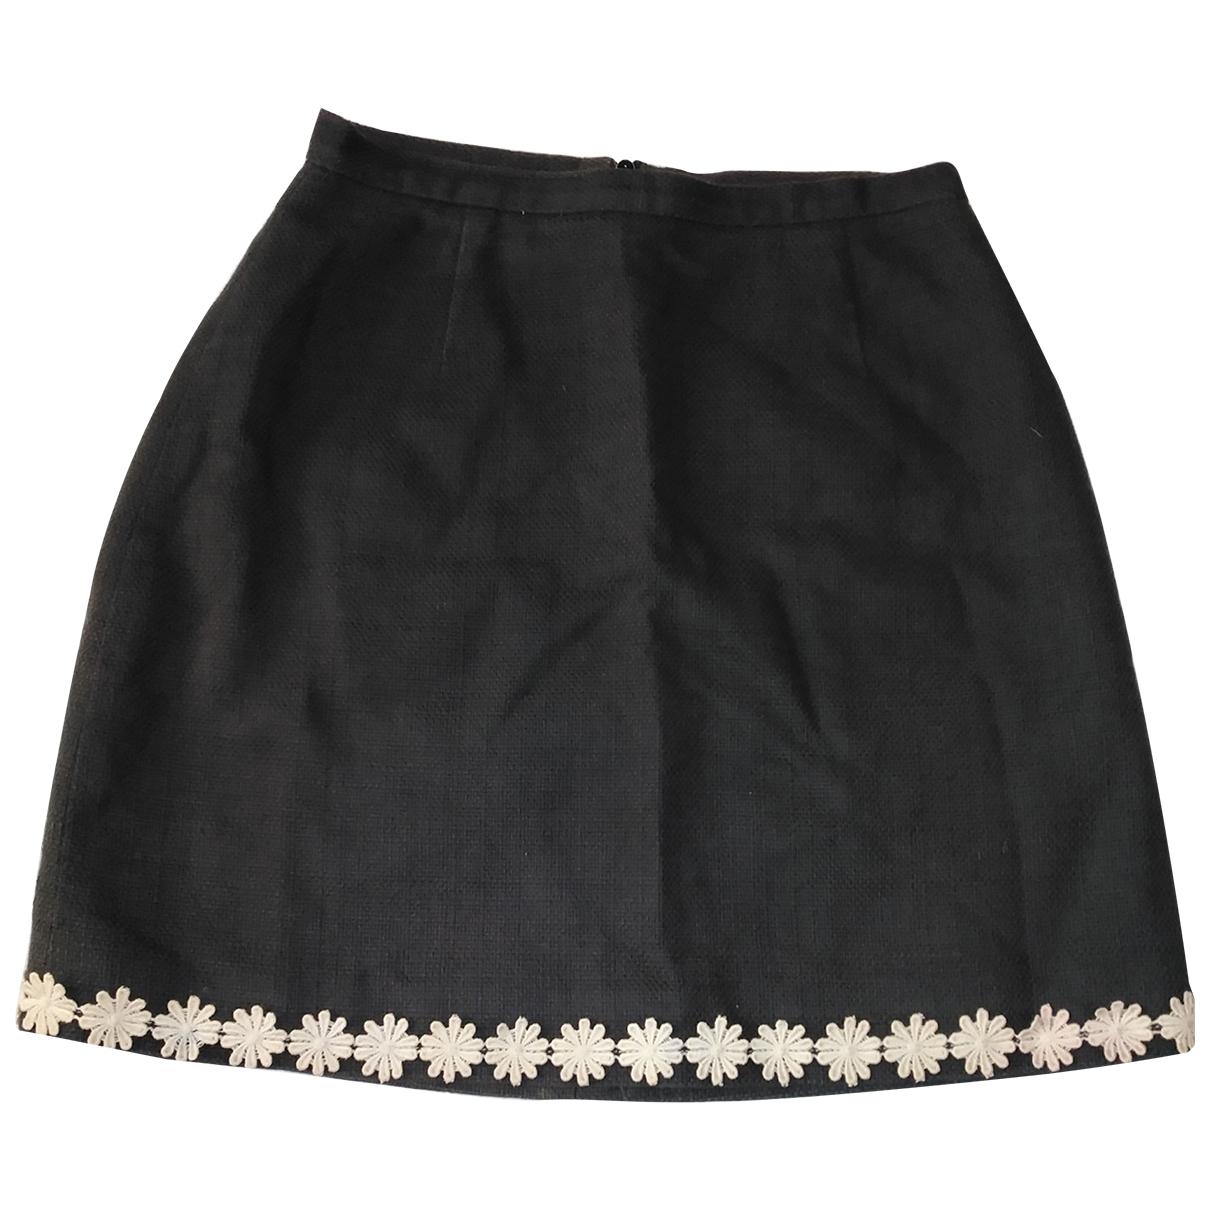 D&g \N Black Cotton skirt for Women 40 IT